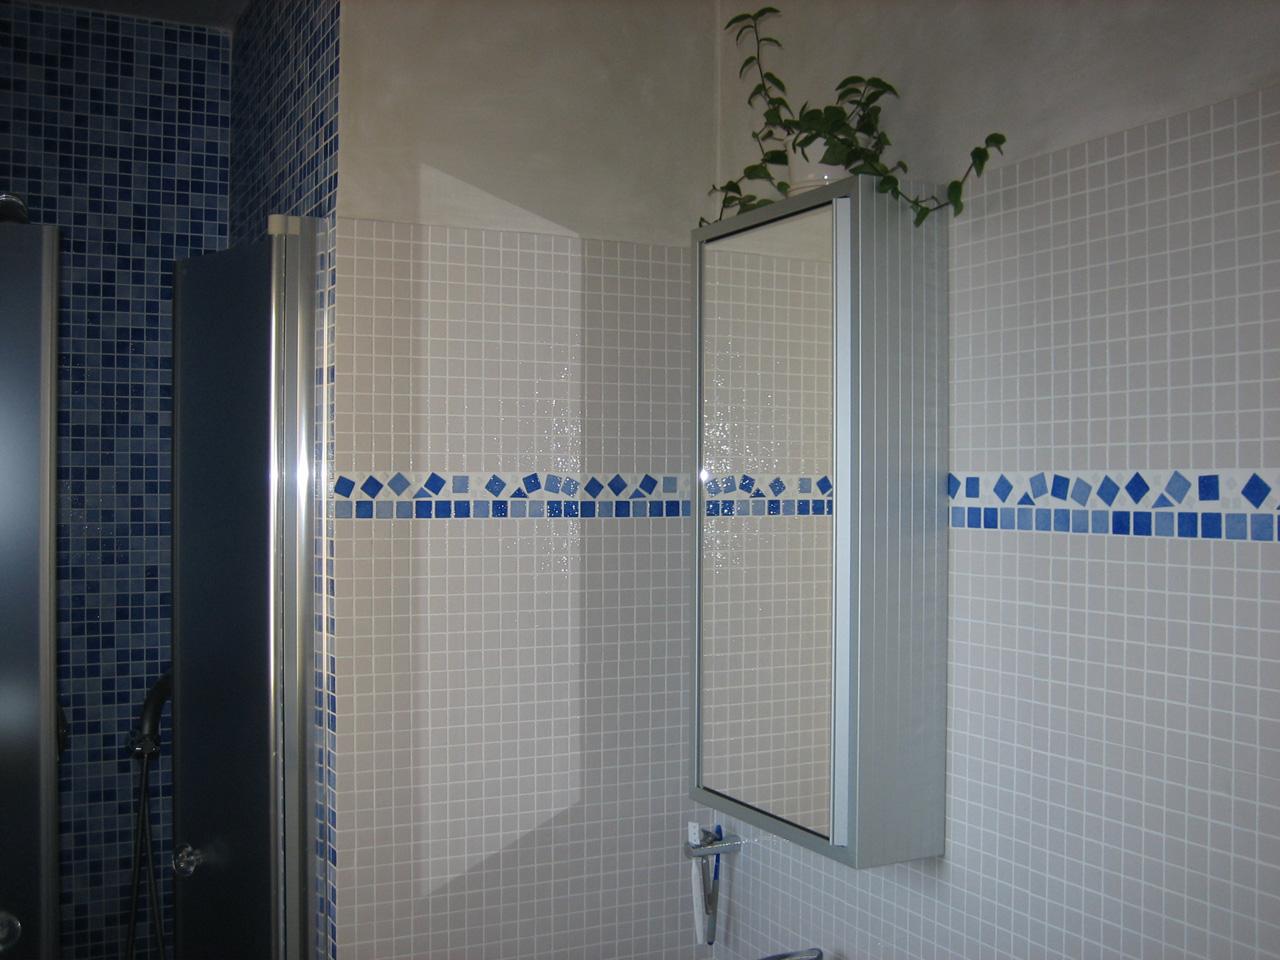 Salle de bains en ceramique et pate de verre azur agencement for Carreaux ceramique salle de bain